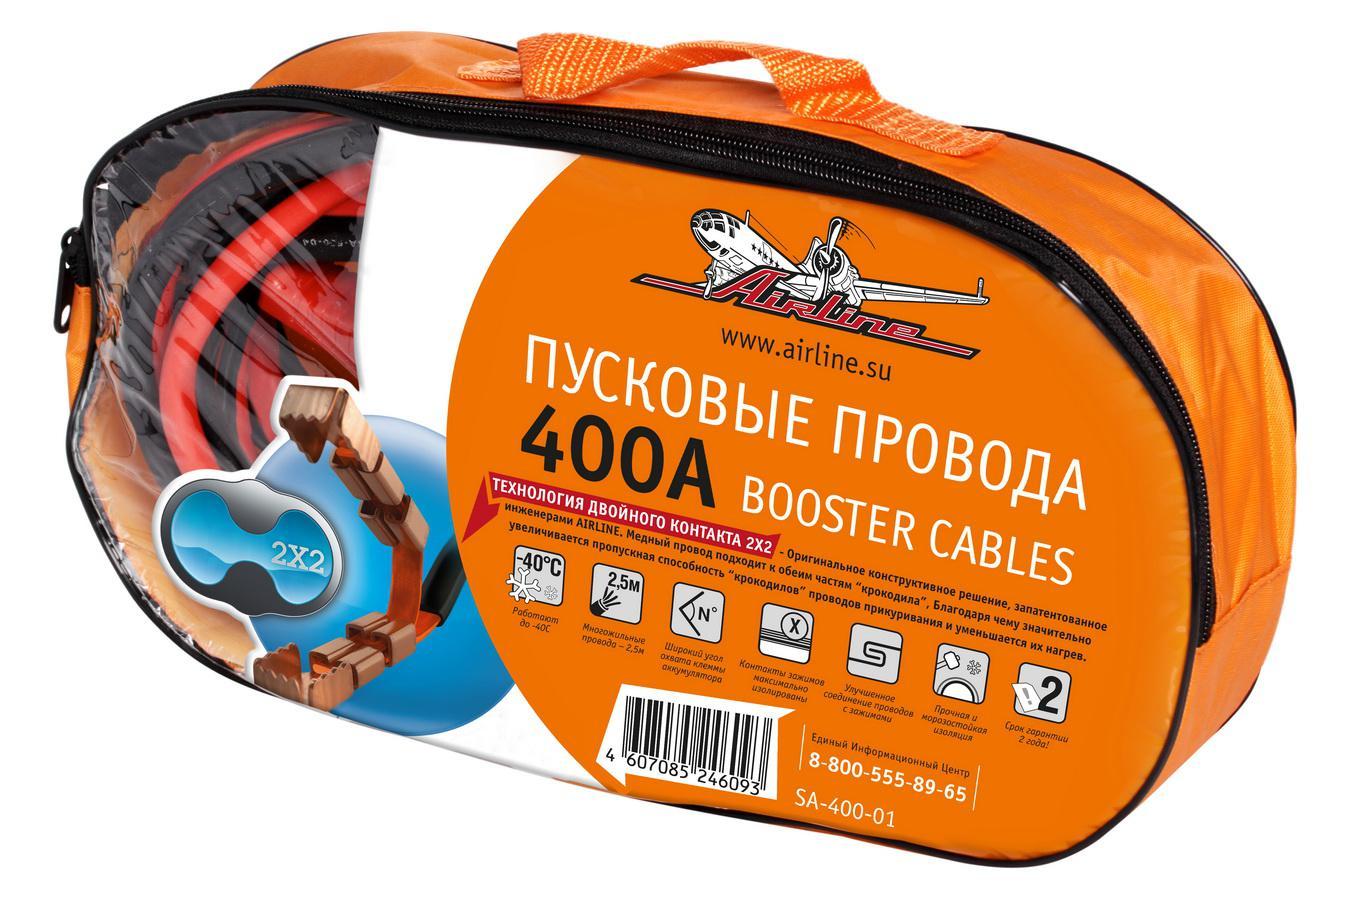 Провода для прикуривания Airline Sa-400-01 провода вспомогательного запуска провода прикуривания airline sa 150 07s